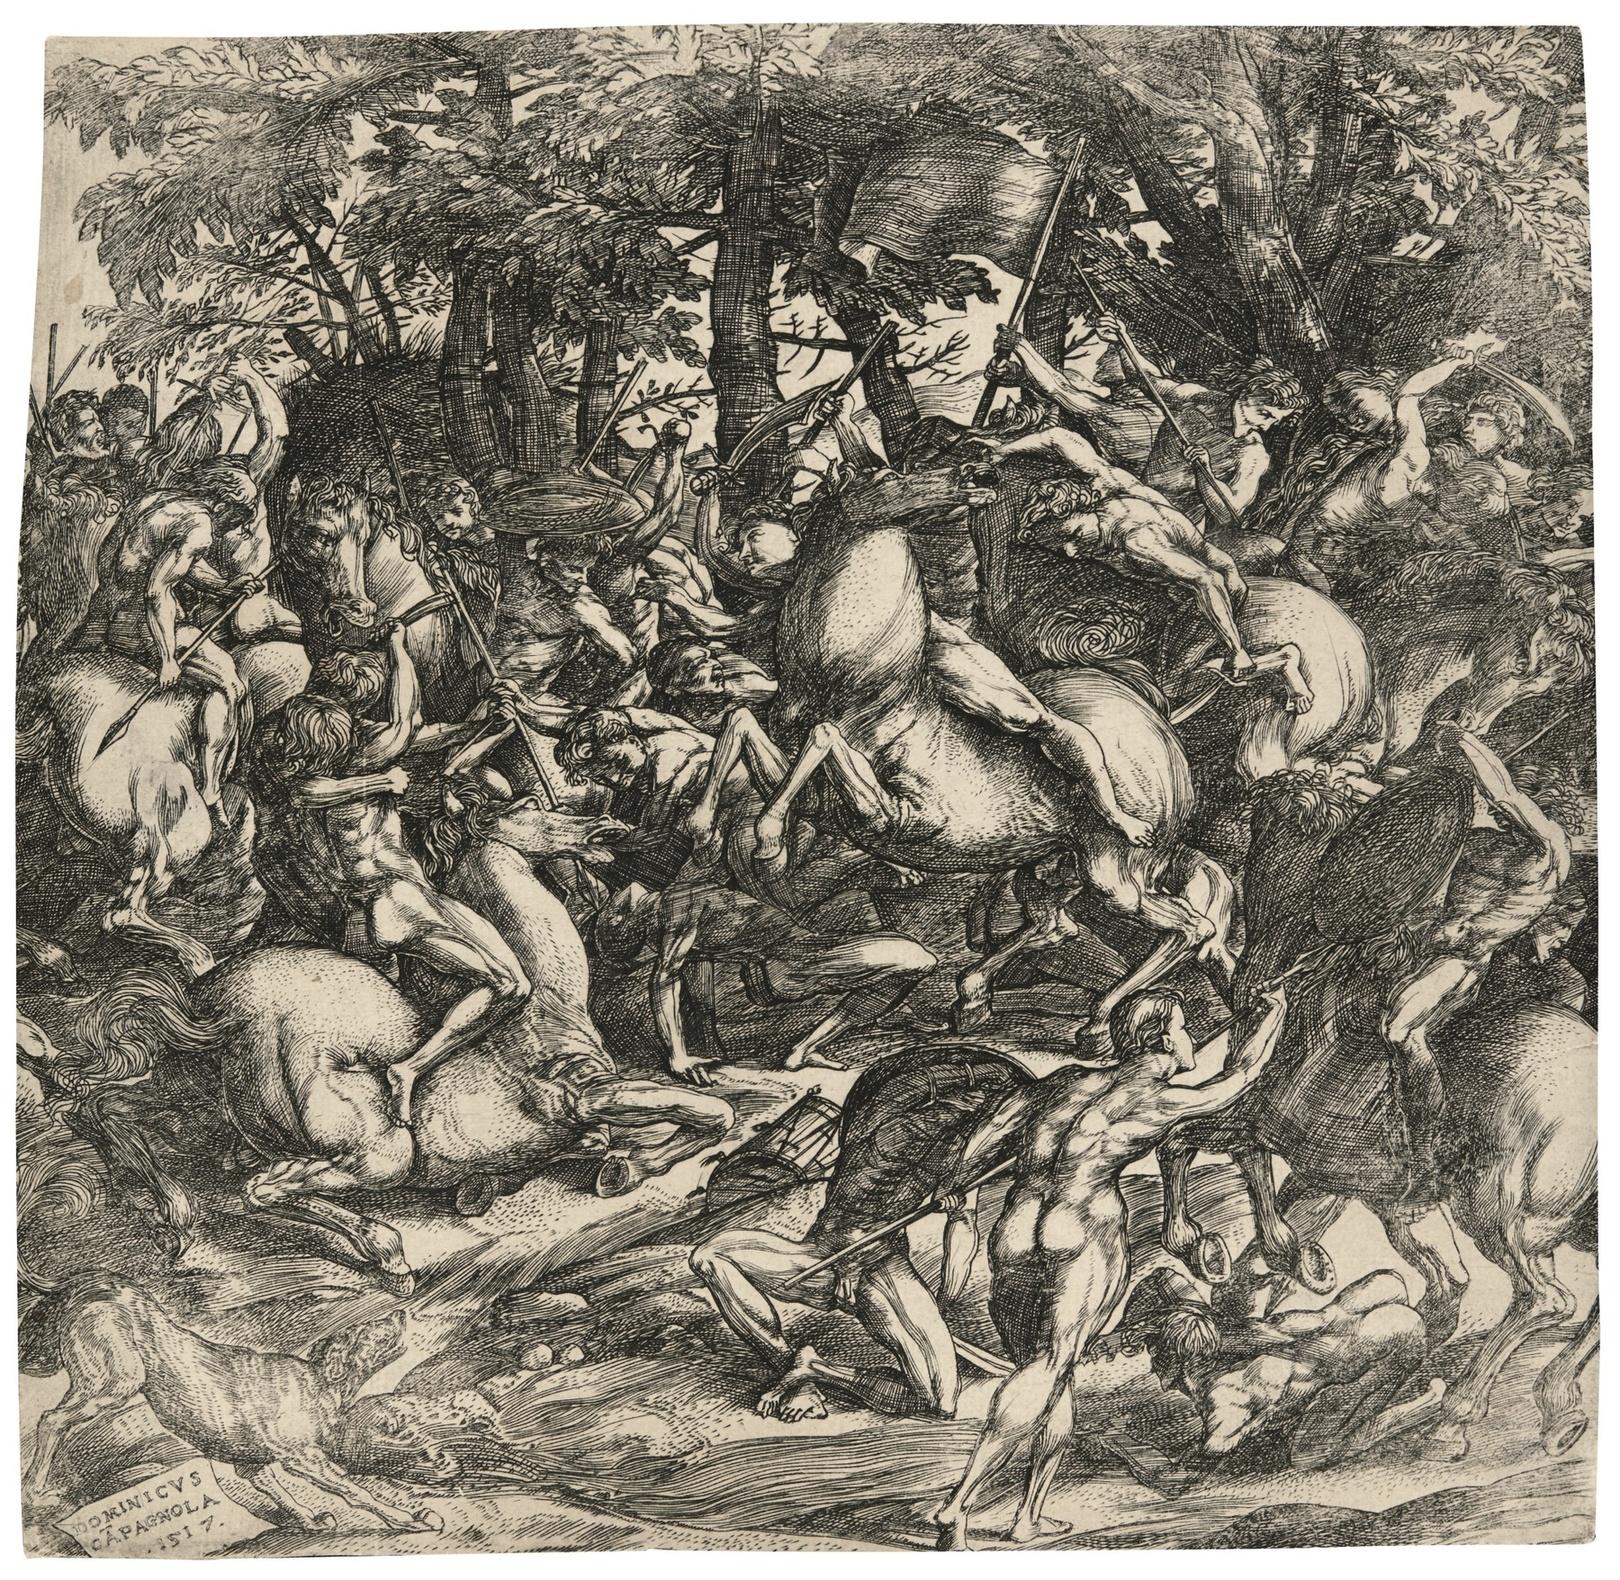 Domenico Campagnola-Battle Of Nude Men (Bartsch 10, Hind 4)-1517